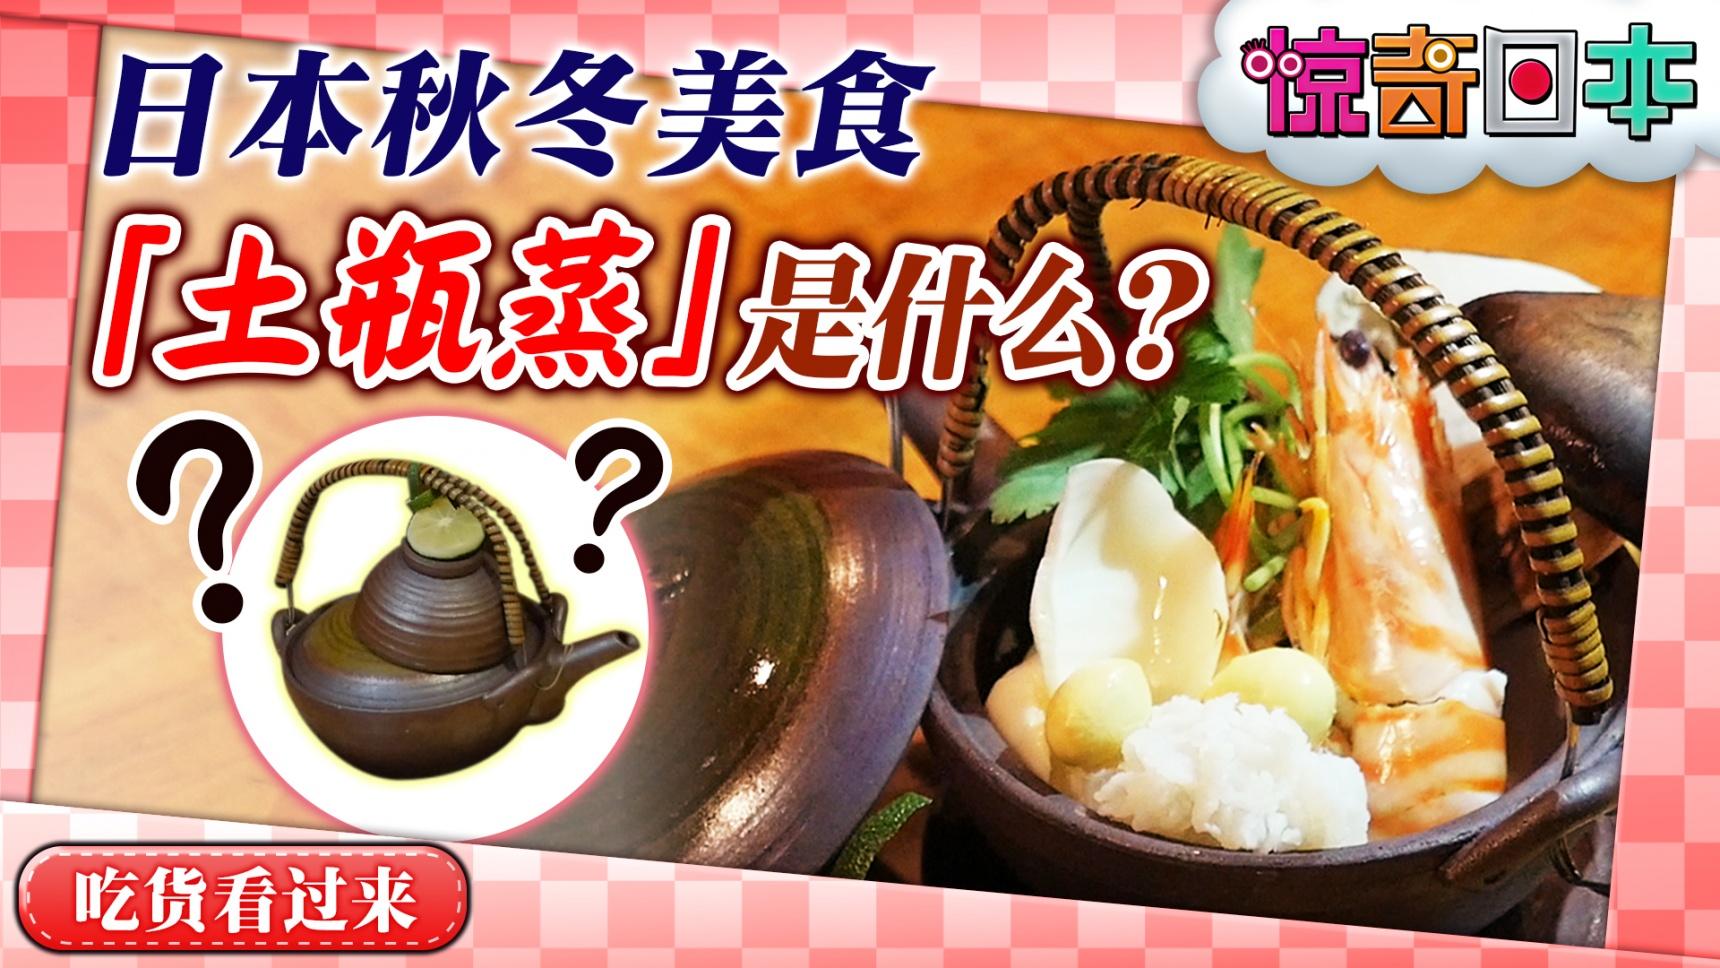 品尝日本秋冬美食「土瓶蒸」到底是种什么样的体验?